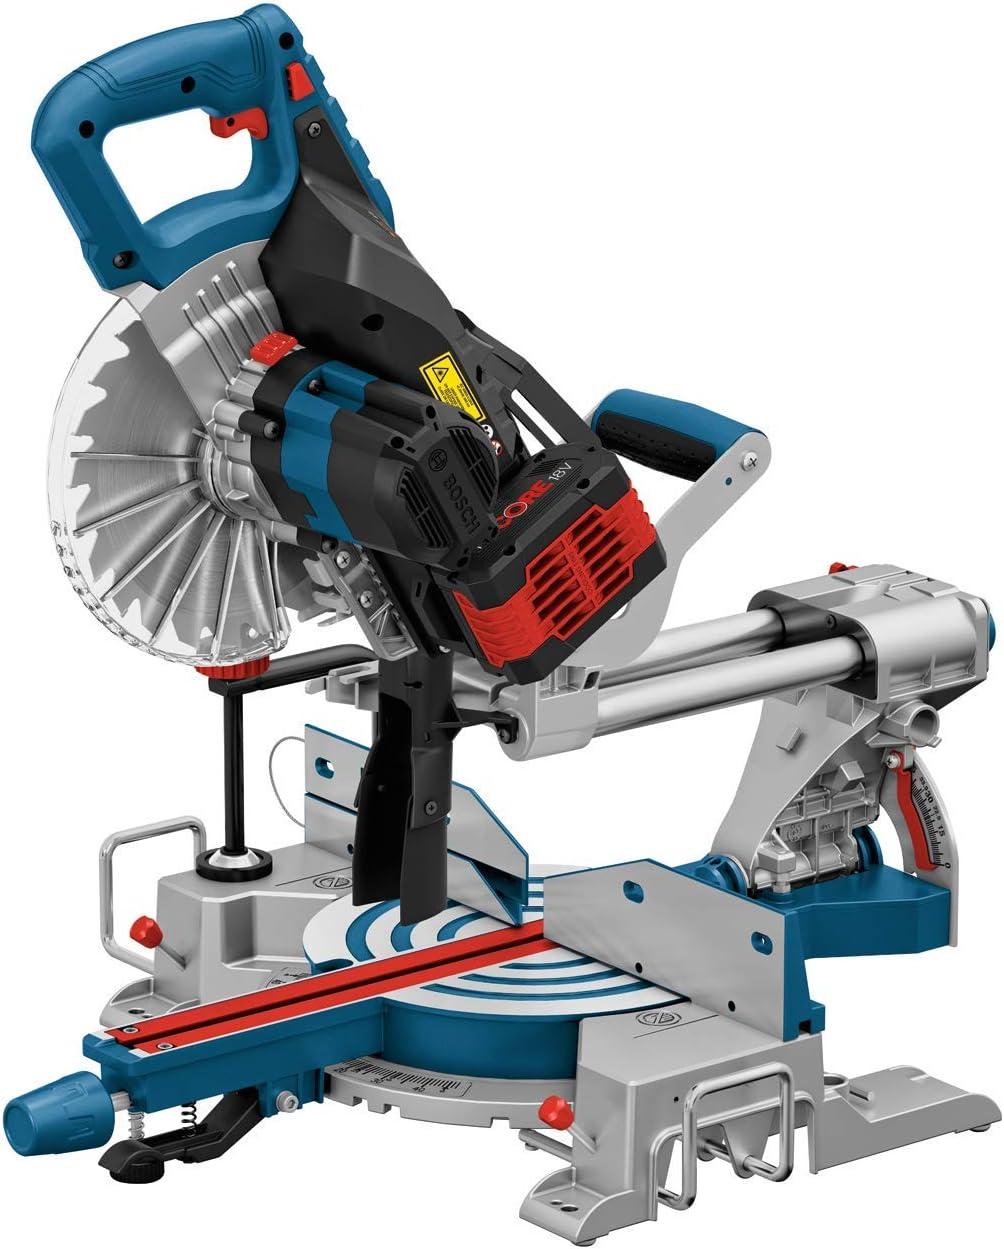 Bosch Professional 18V System Akku Paneels/äge GCM 18V-216 S/ägeblatt-/Ø: 216 mm, ohne Akku und Ladeger/ät, im Karton